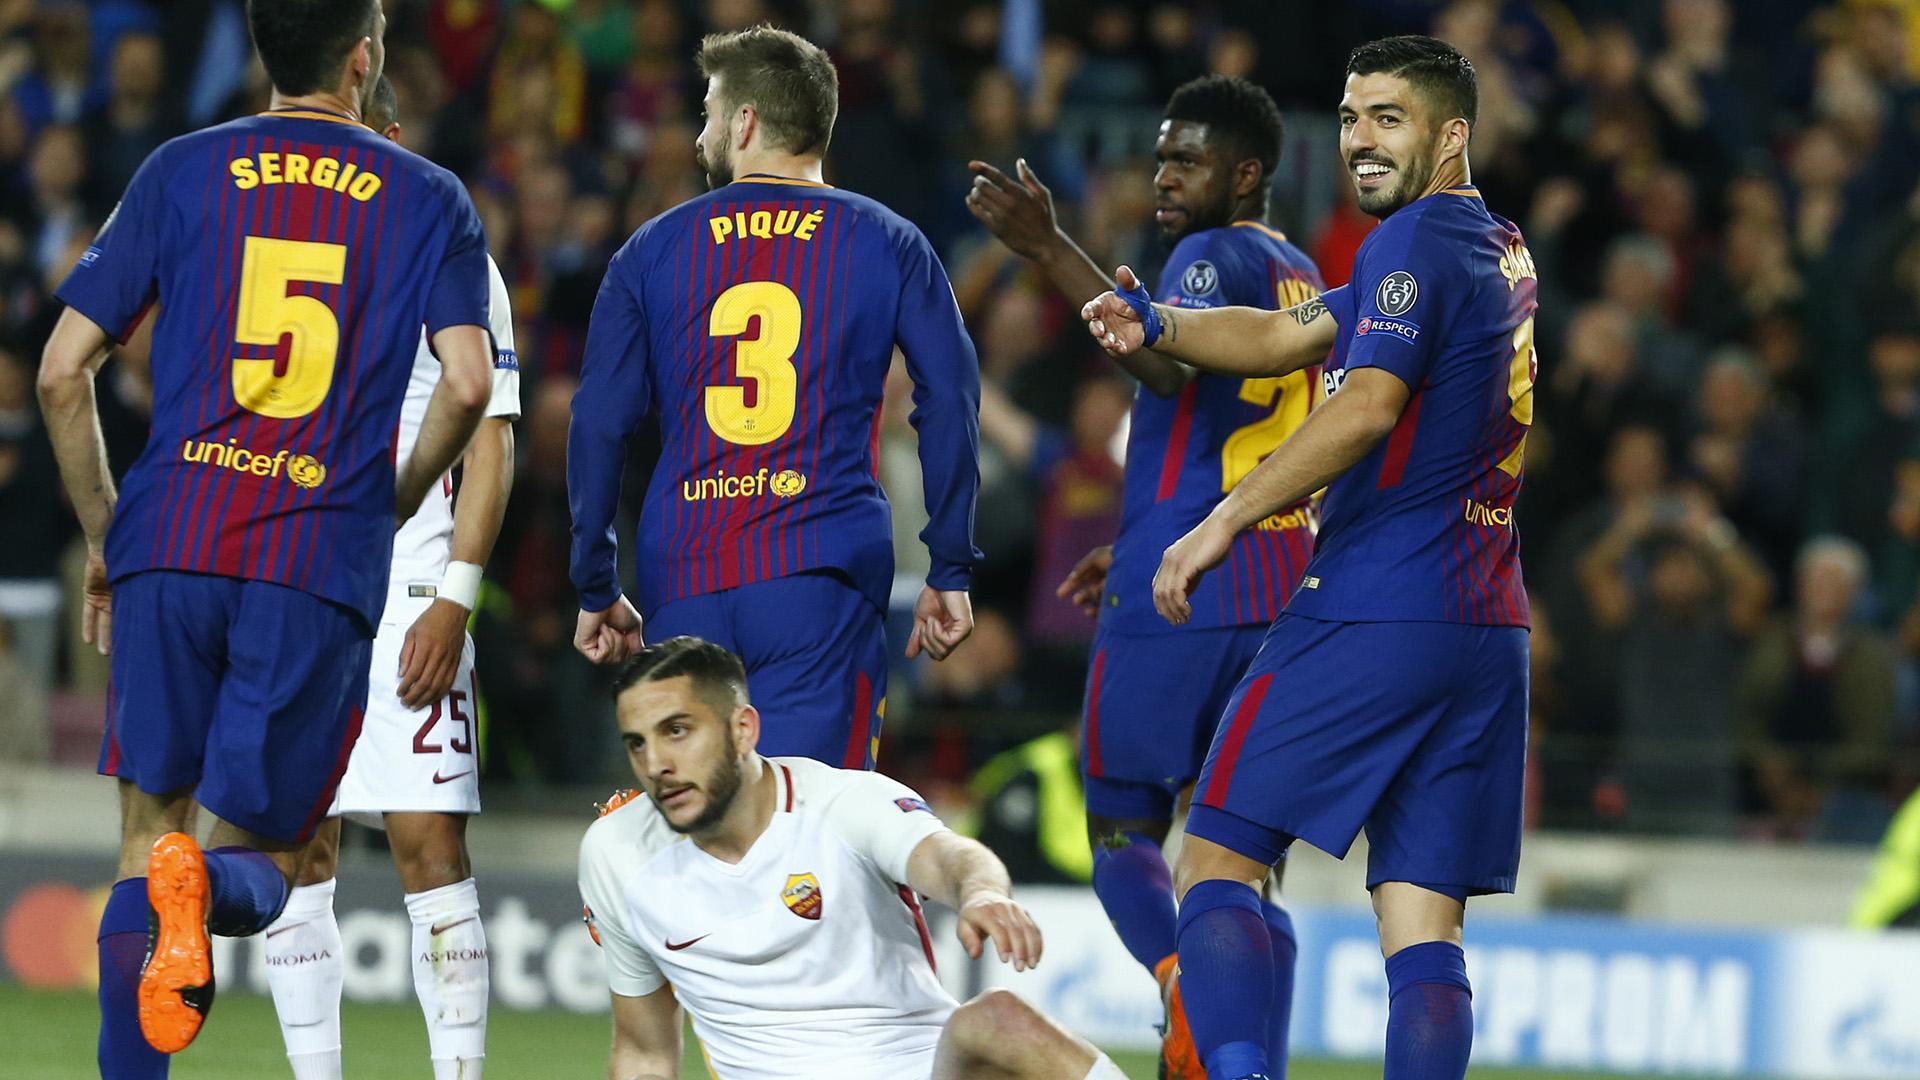 غدا.. برشلونة يلتقي روما والسيتي يستضيف ليفربول بدوري الأبطال